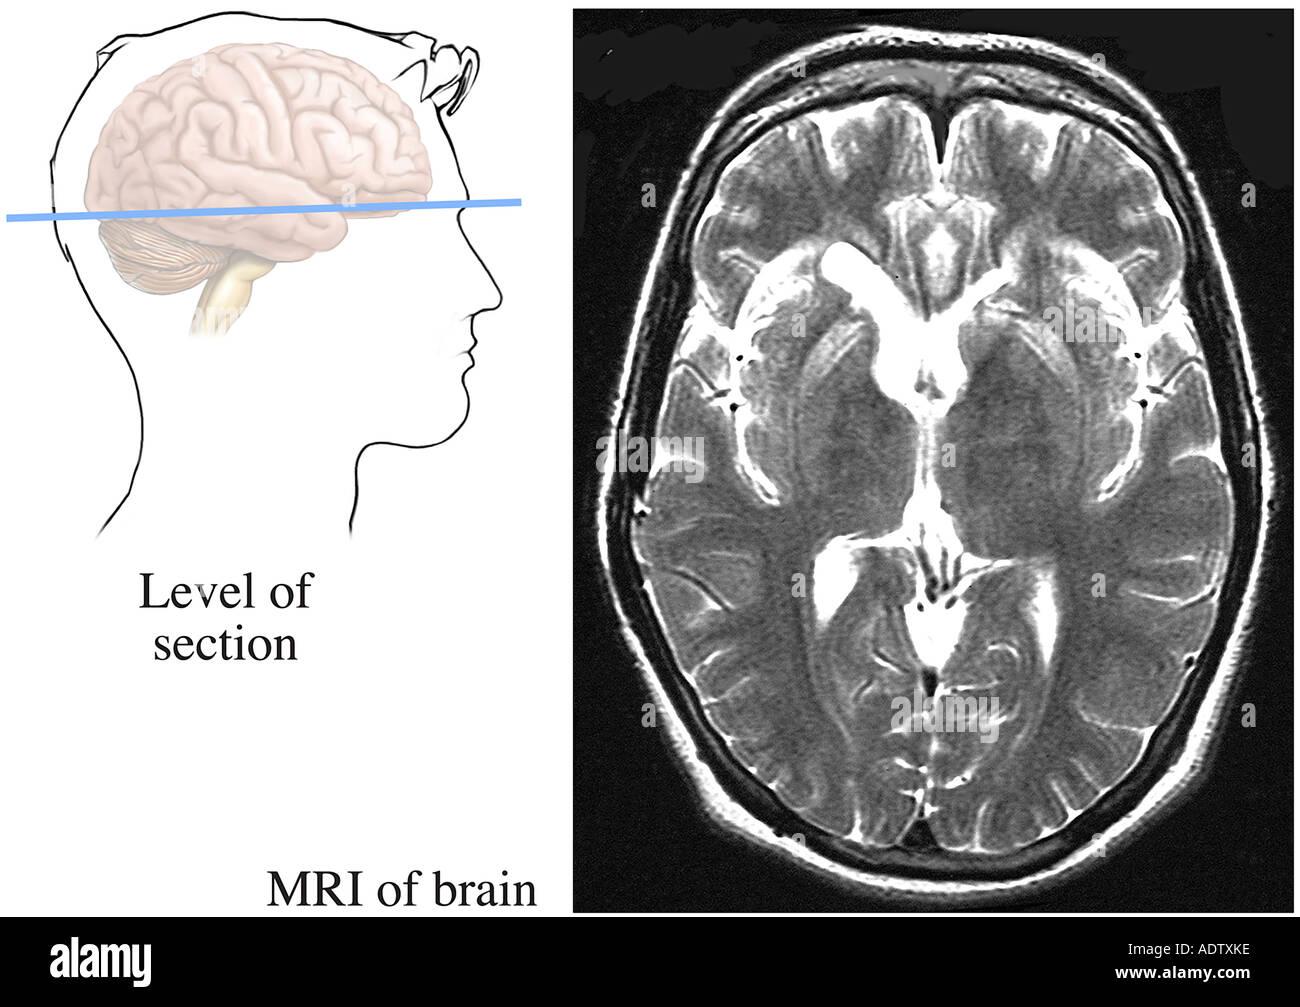 Schön Anatomie Gehirn Mri Fotos - Anatomie Ideen - finotti.info